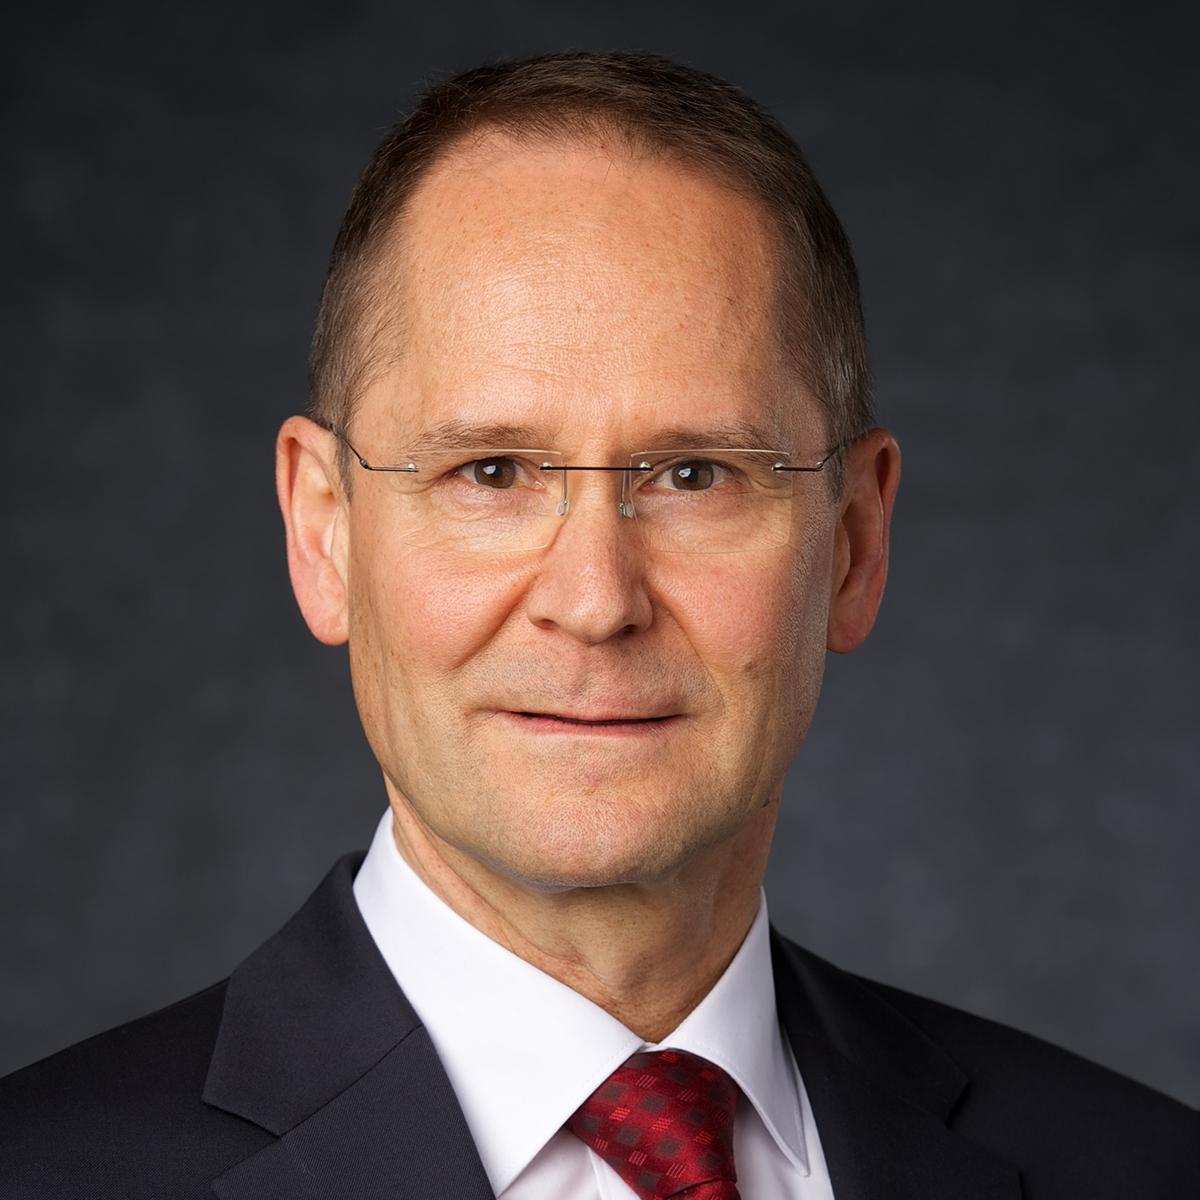 Vanhin Wolfgang Pilz